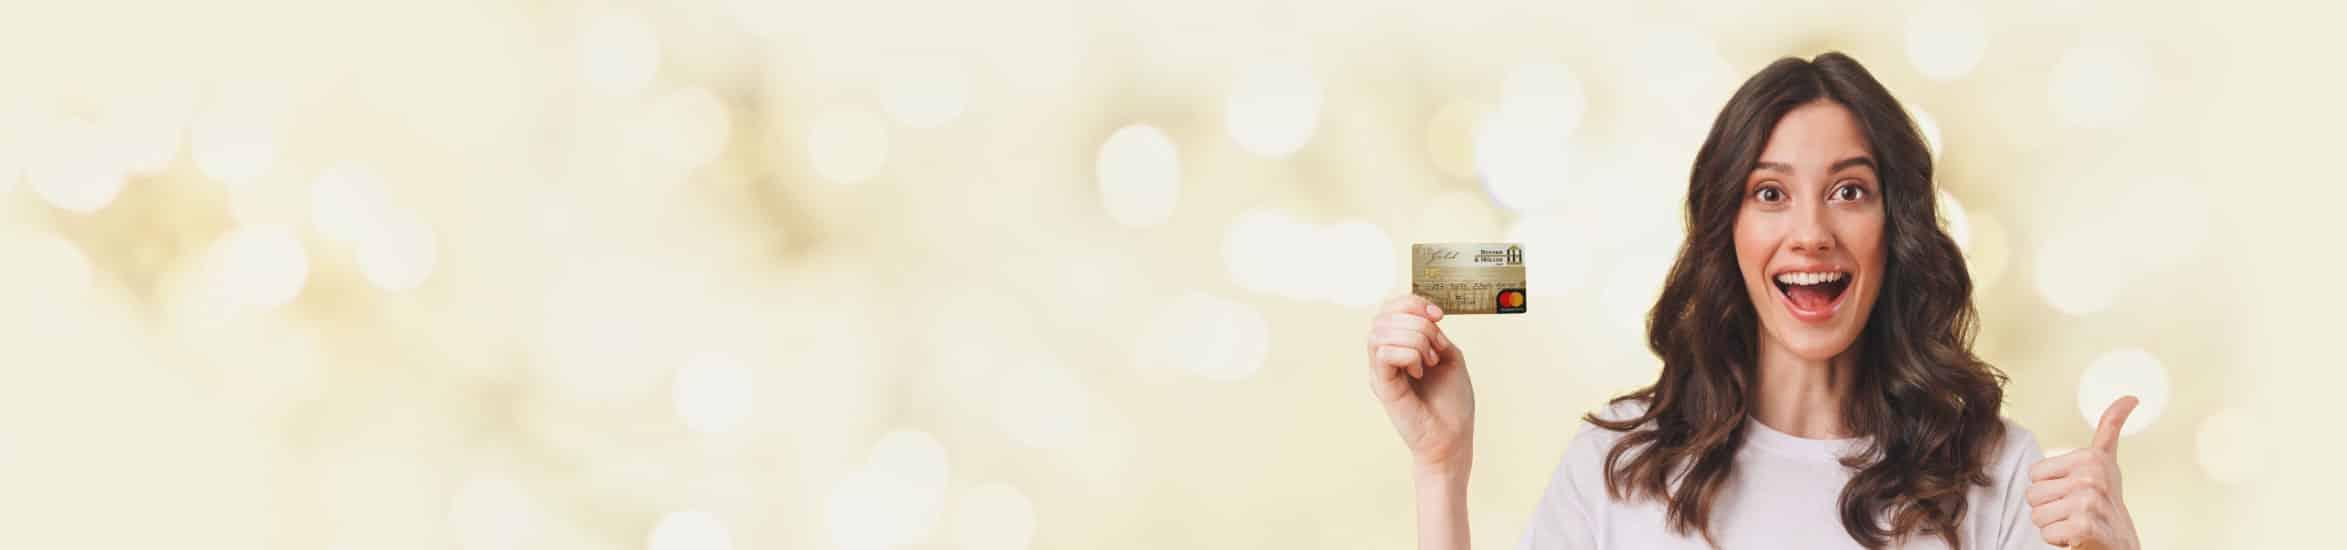 gebuehrenfreie-kreditkarte